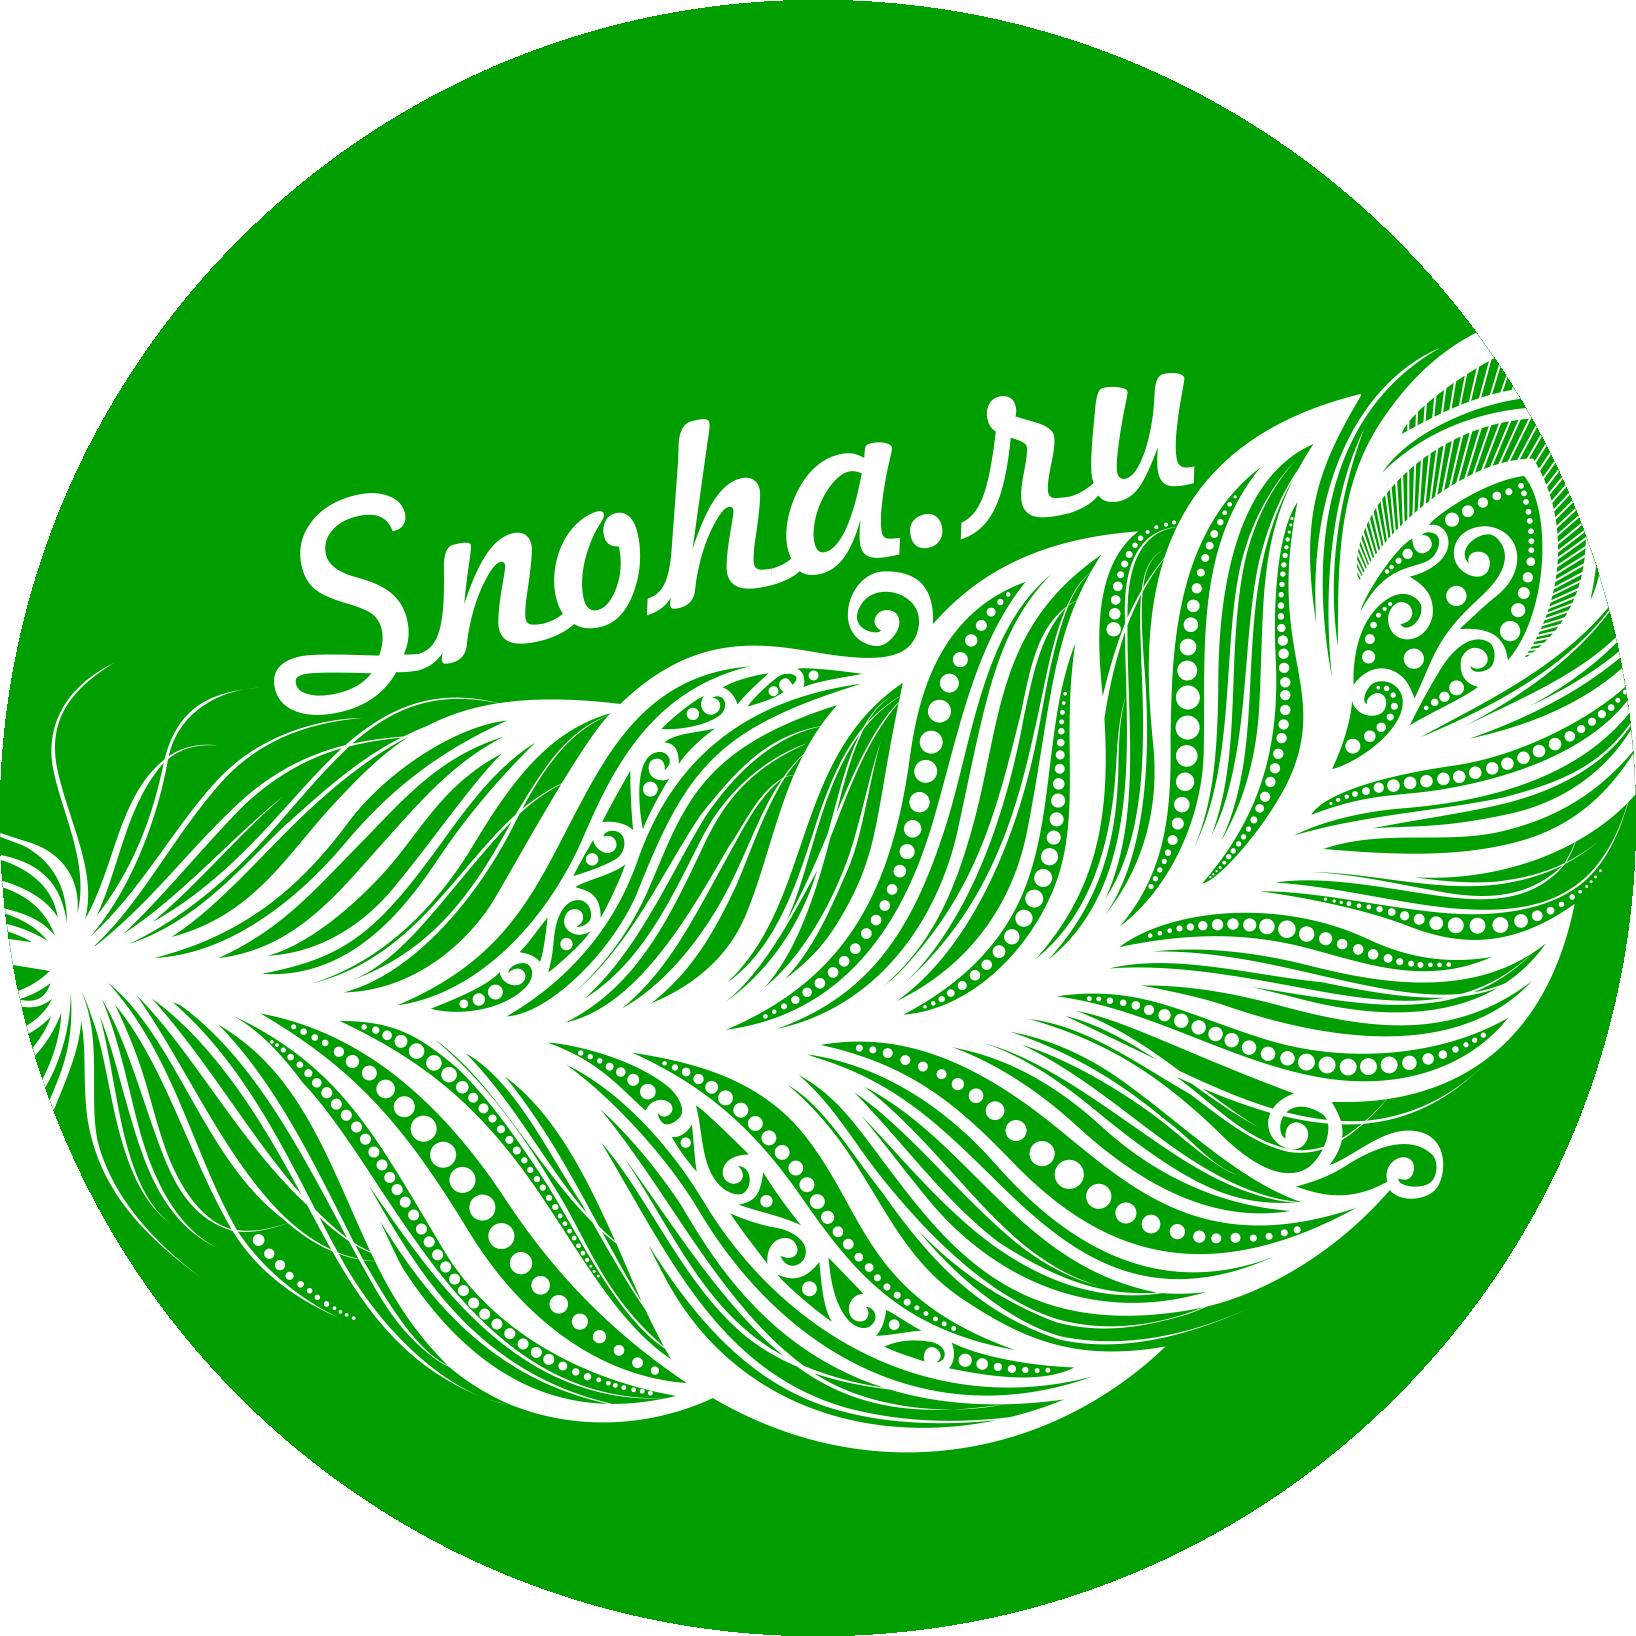 Логотип клининговой компании, сайт snoha.ru фото f_95654a96f34e8f3b.png